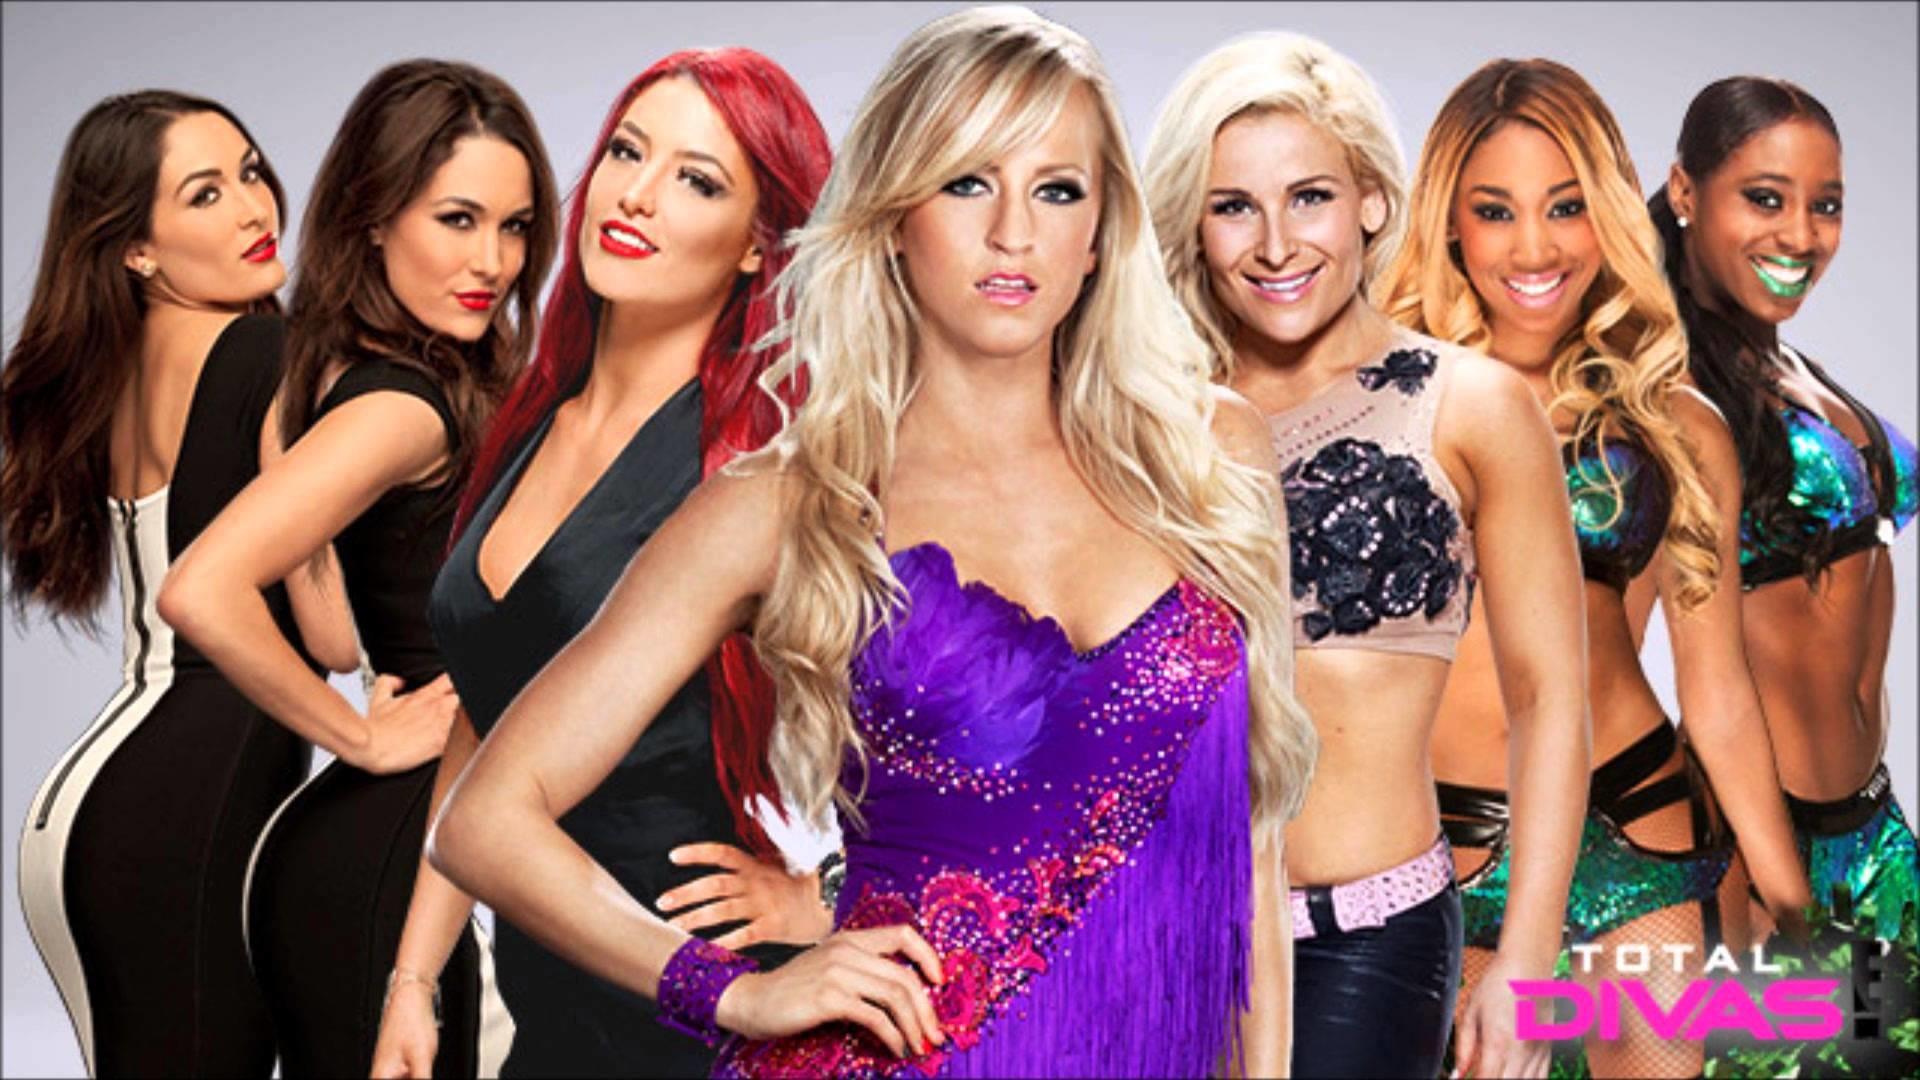 WWE Divas HD Images 5